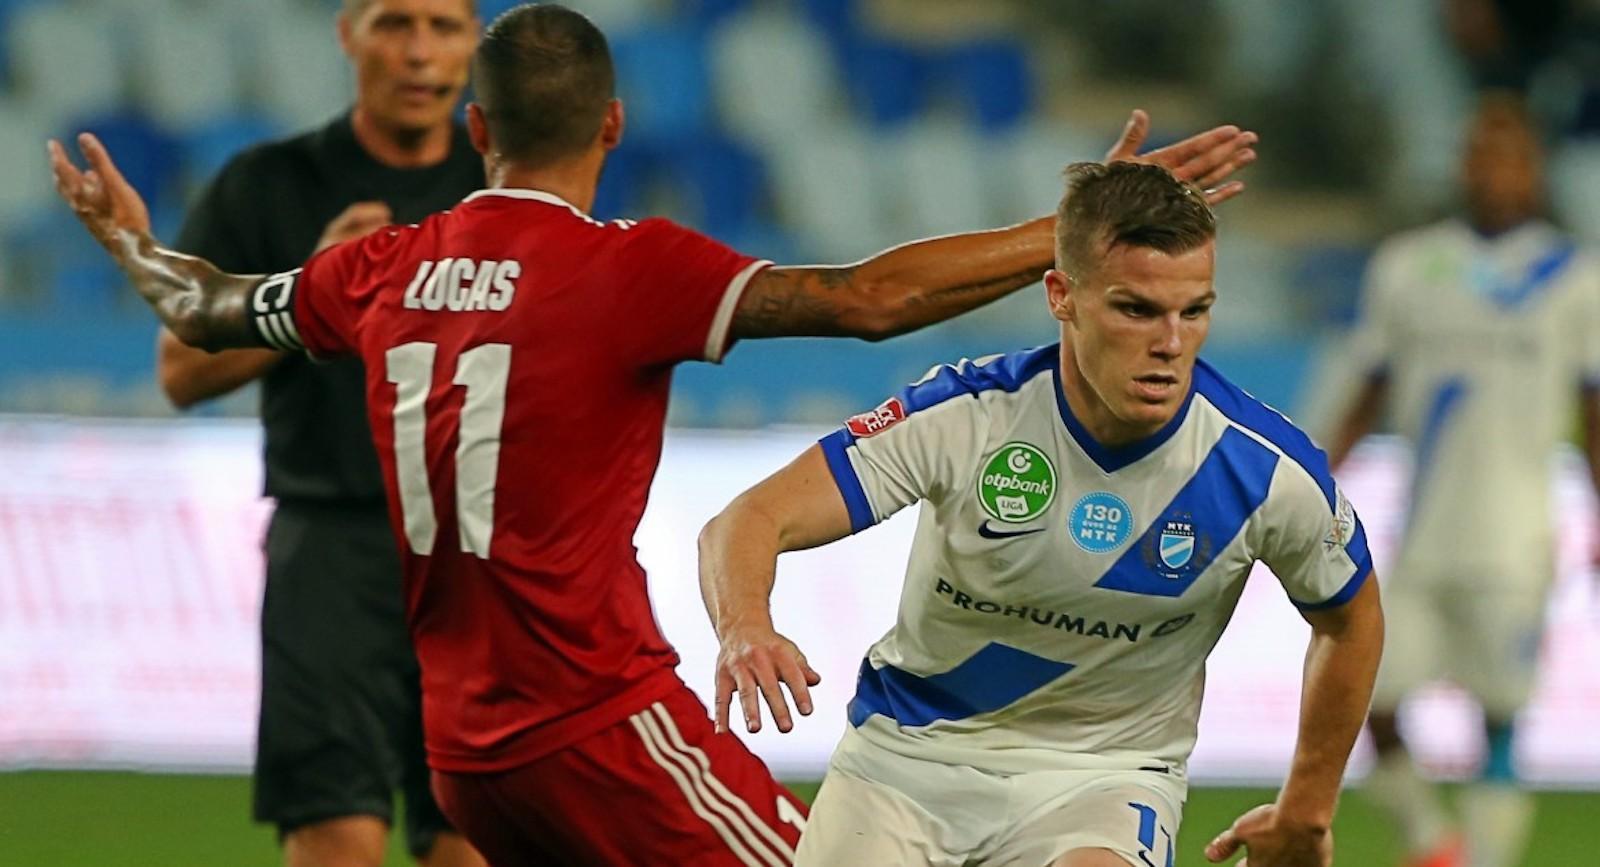 Élőképes közvetítés a Kisvárda FC elleni meccsről